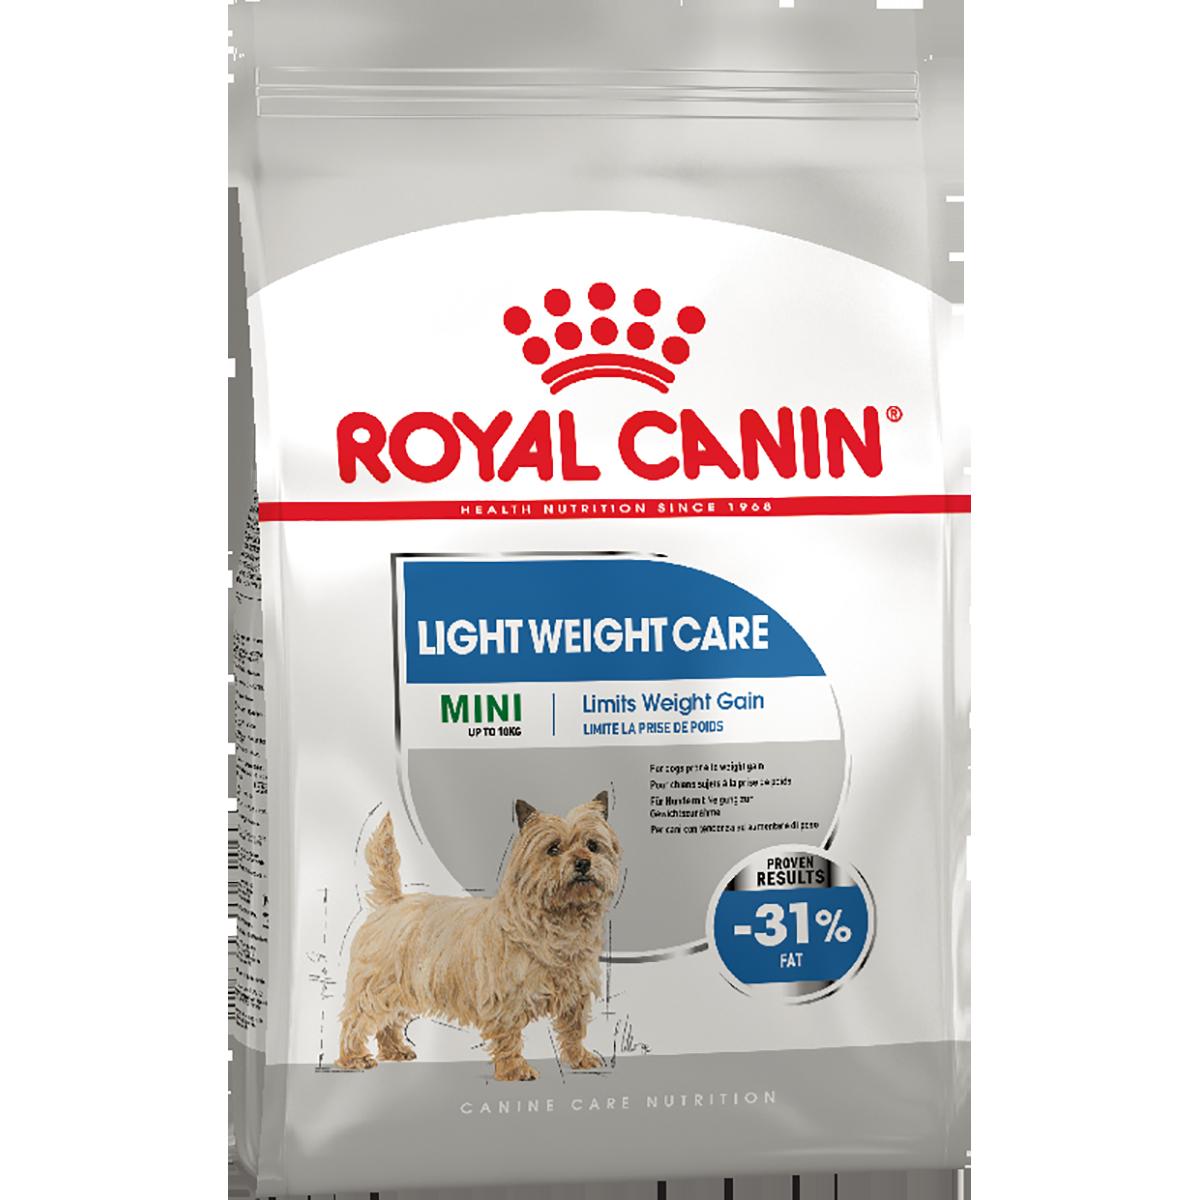 Сухой корм для собак Роял Канин LIGHT WEIGHT CARE MINI, 1 кг